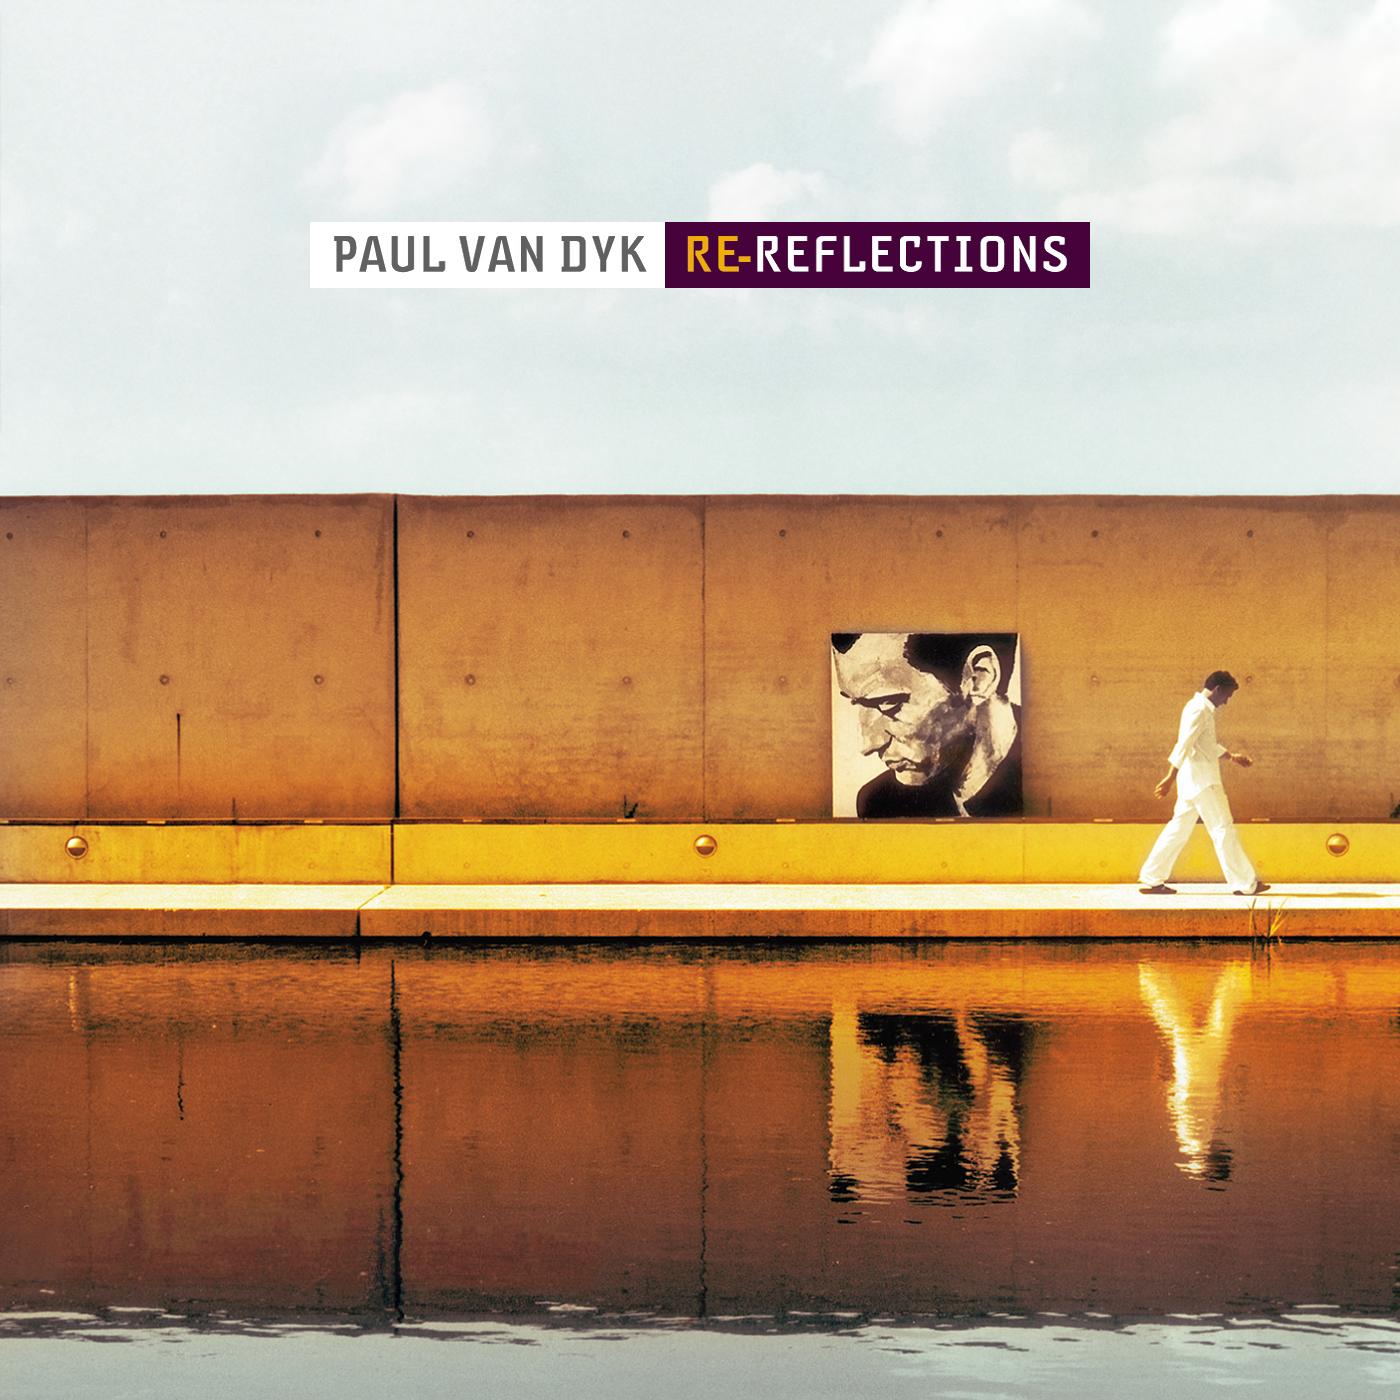 Album Artist: Paul van Dyk / Album Title: Re-Reflections [Custom Album Art without Labels]